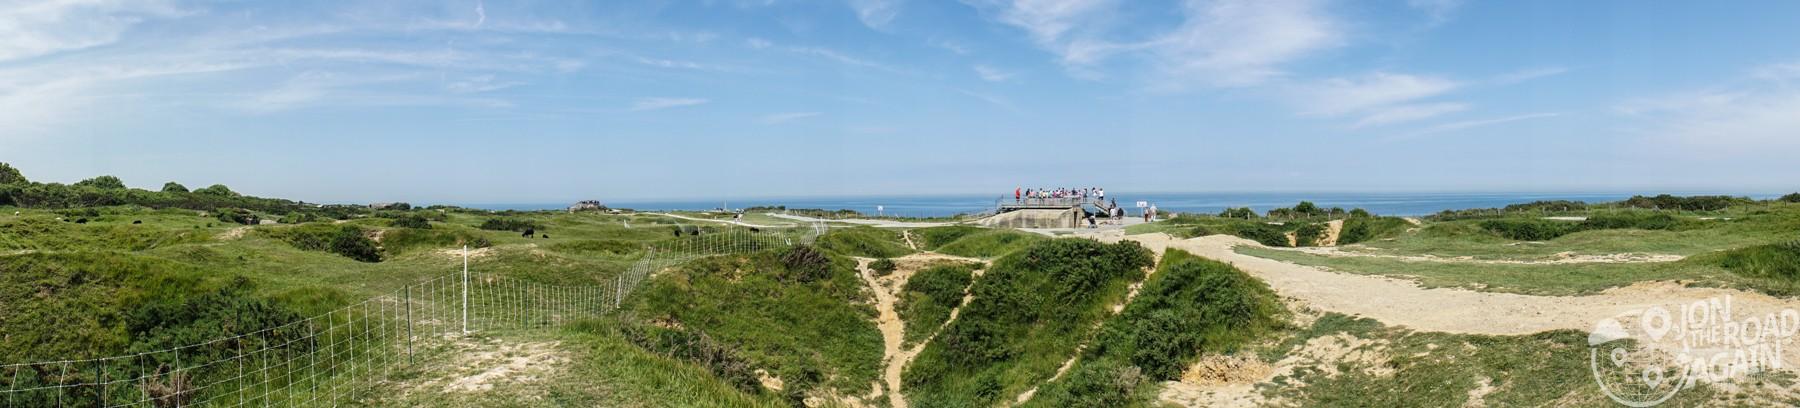 Pointe du Hoc panorama